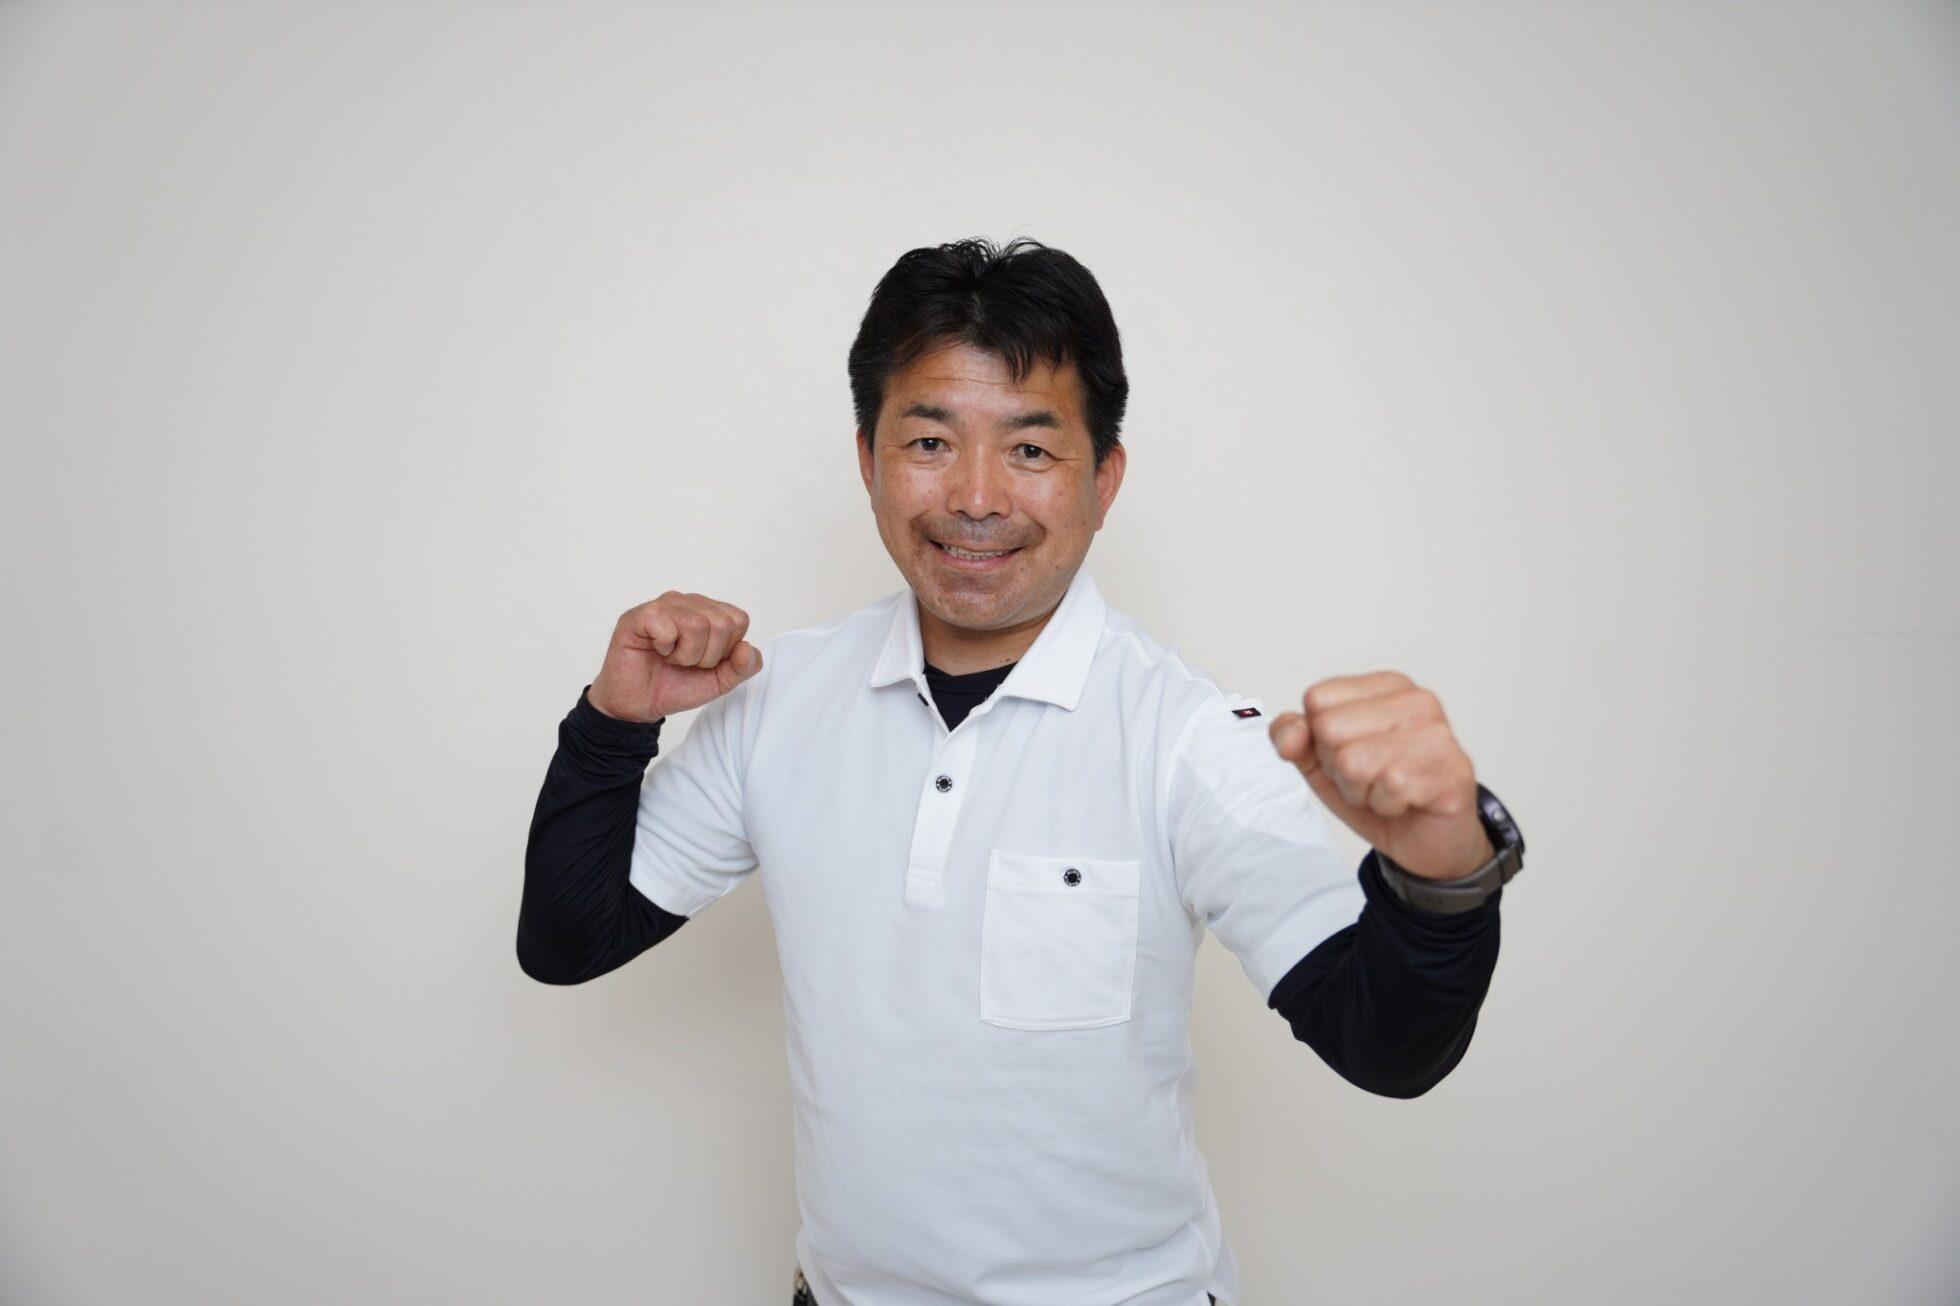 「高木 弘道(たかぎ ひろみち)」の顔写真